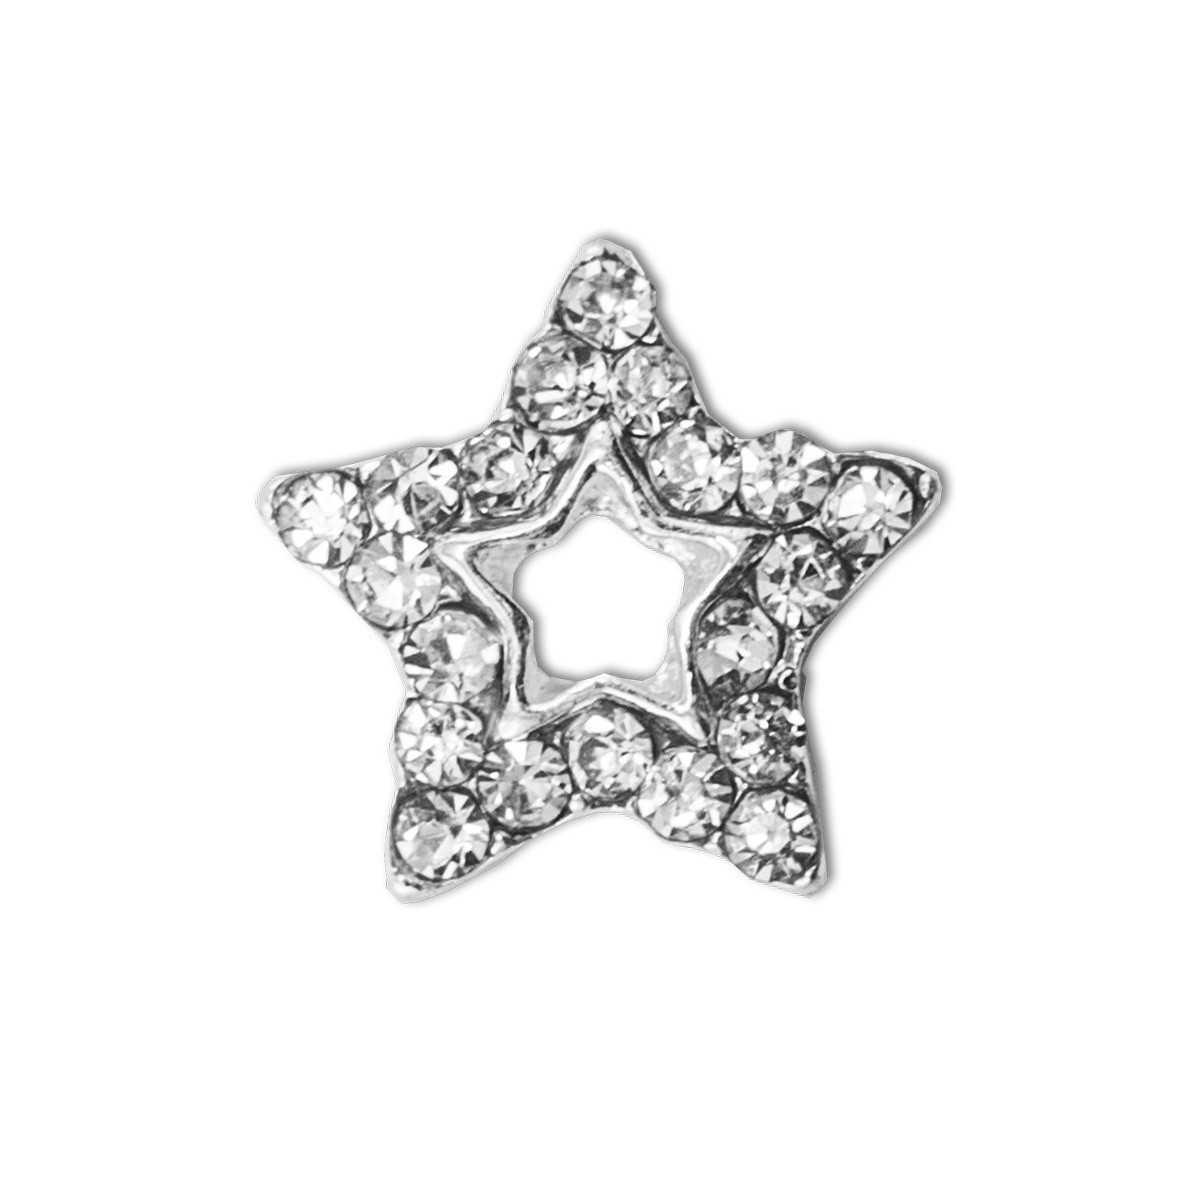 https://www.kit-manucure.com/1657-thickbox_default/bijoux-pour-ongles-etoile-argent-et-strass.jpg